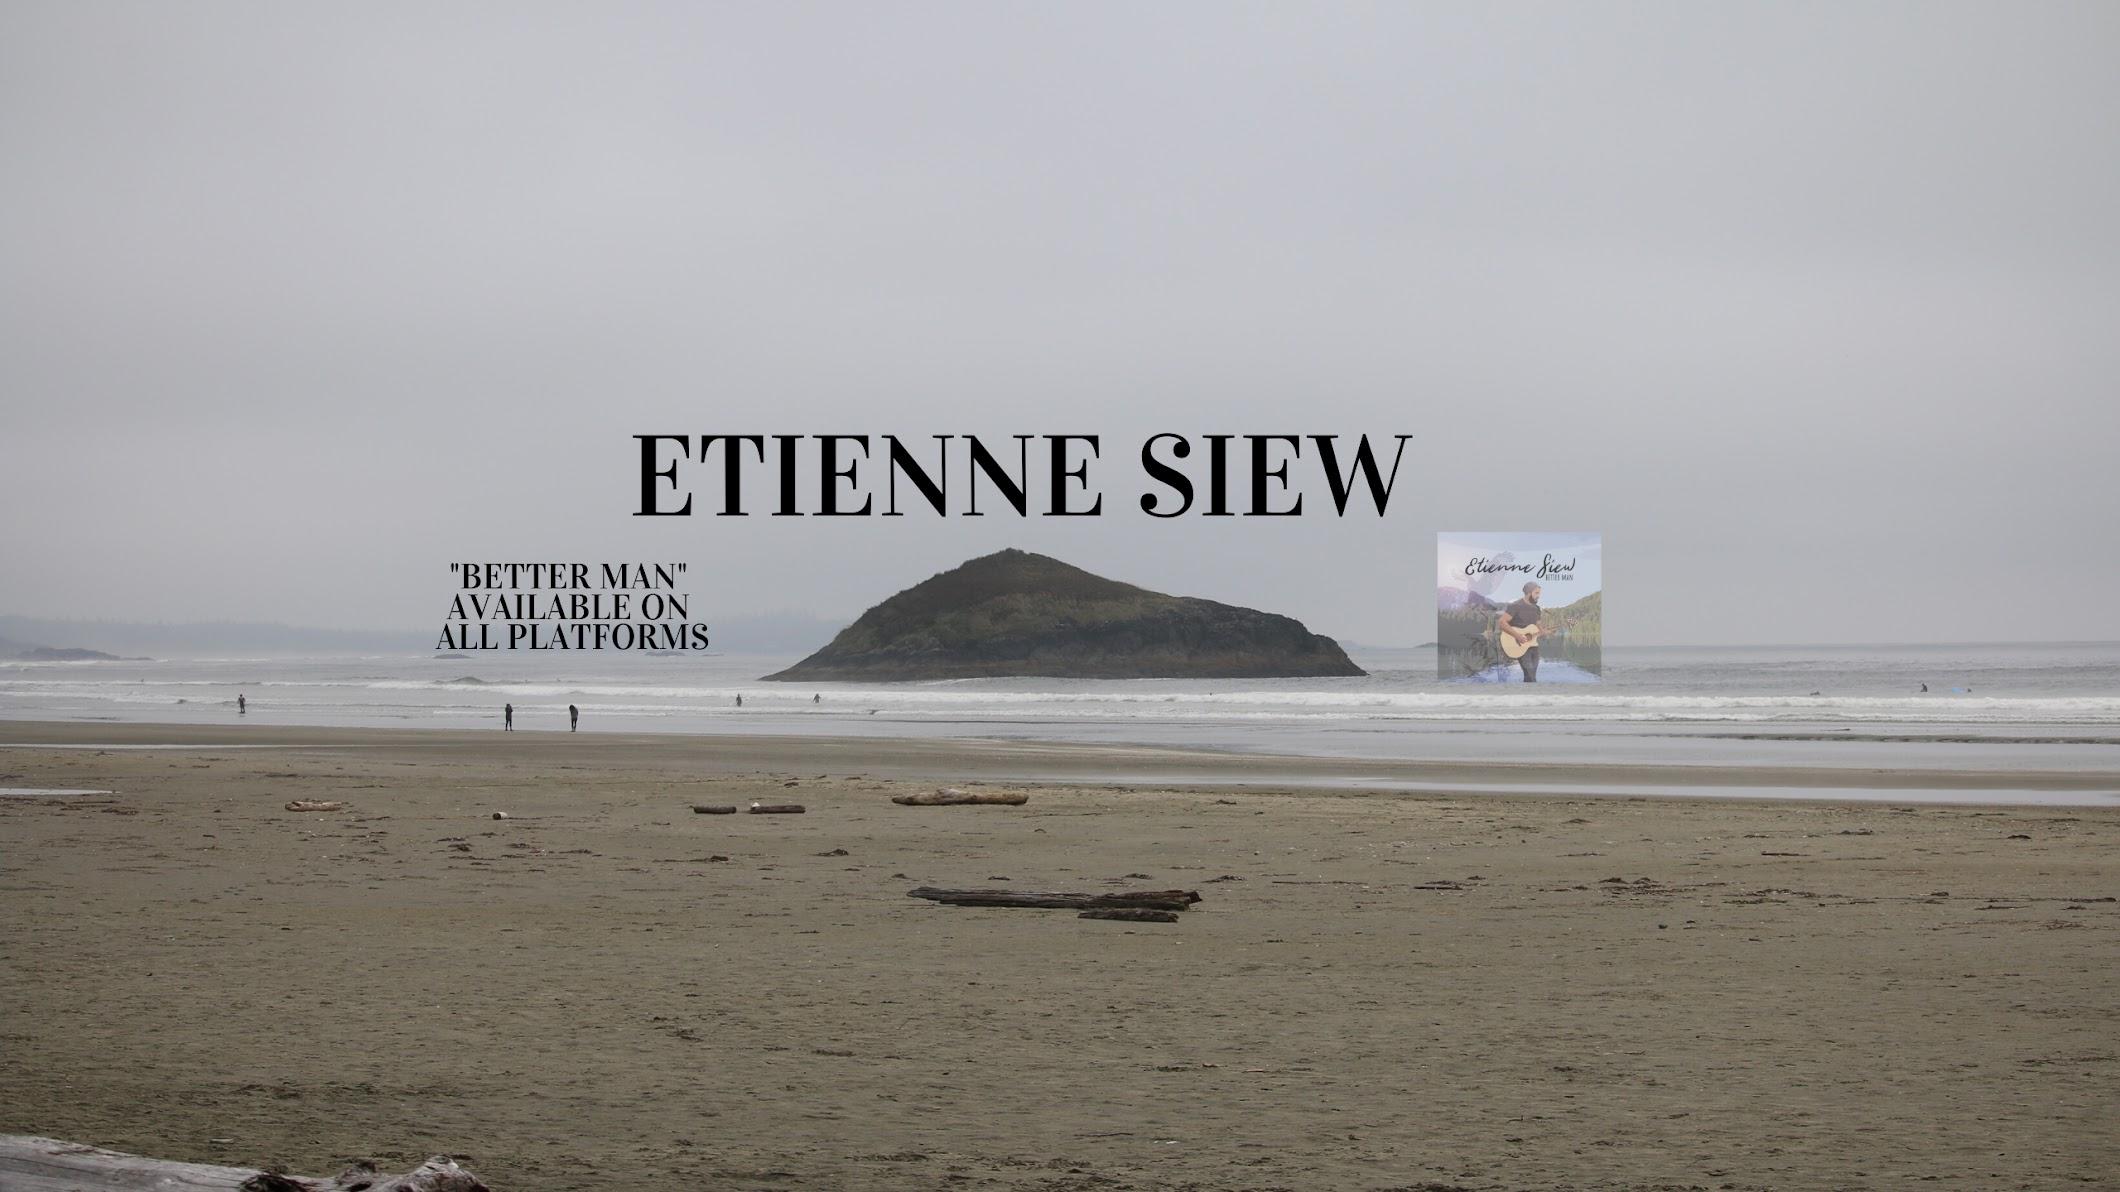 Etienne Siew